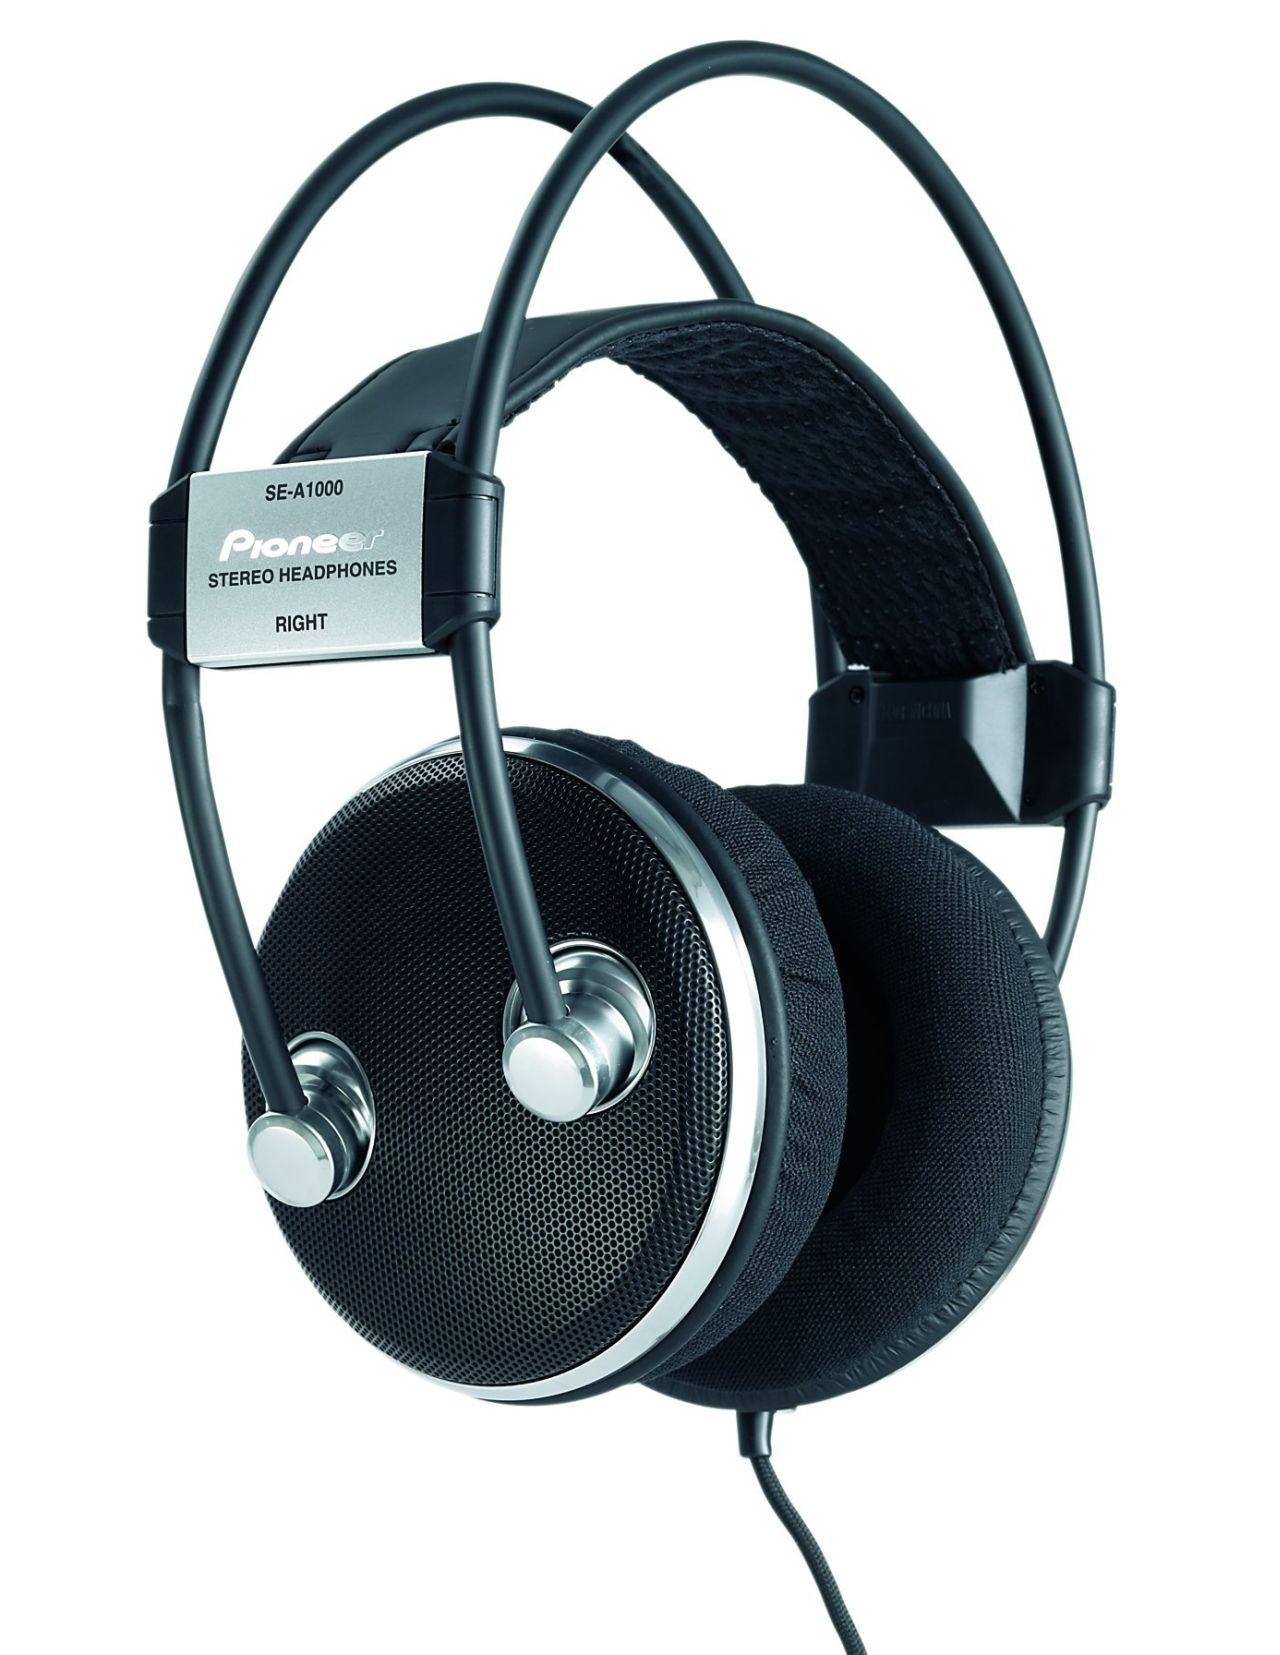 Powieksz do pelnego rozmiaru Pionier, pionner, pionneer, pioneer  SE-A 1000, SEA 1000, SE A 1000 SE-A1000, SEA1000, SE A1000 SE-A-1000, SEA-1000, SE A-1000  słuchawki domowe, słuchawki z pałąkiem, słuchawki nagłowne, słuchawki wokółuszne, słuchawki otwarte, słuchawki hifi, słuchawki z kablem jednostronnym,